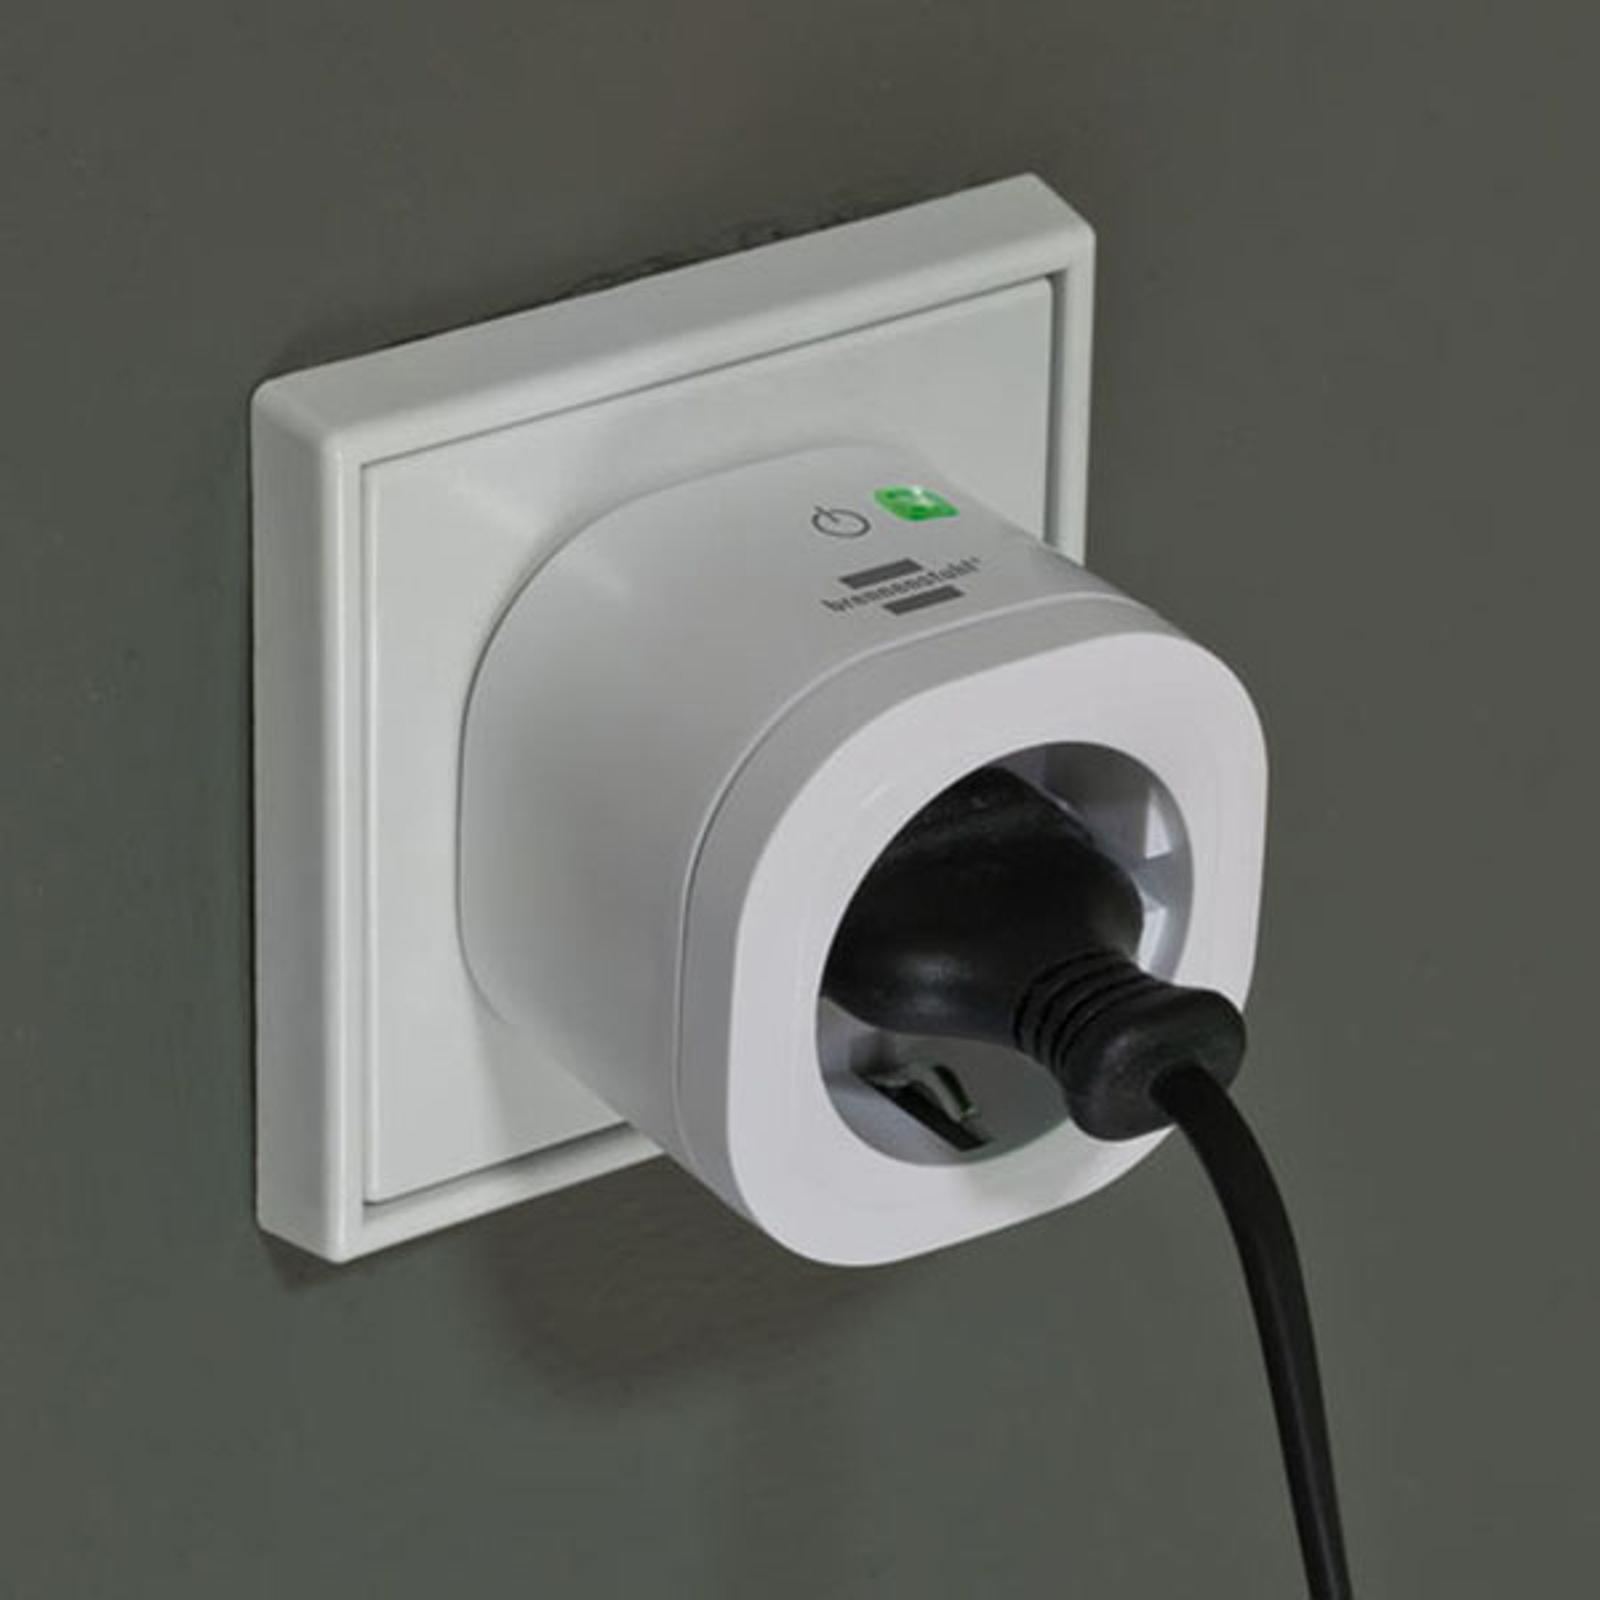 WiFi-Steckdose WA 3000 XS01 für Innenbereich